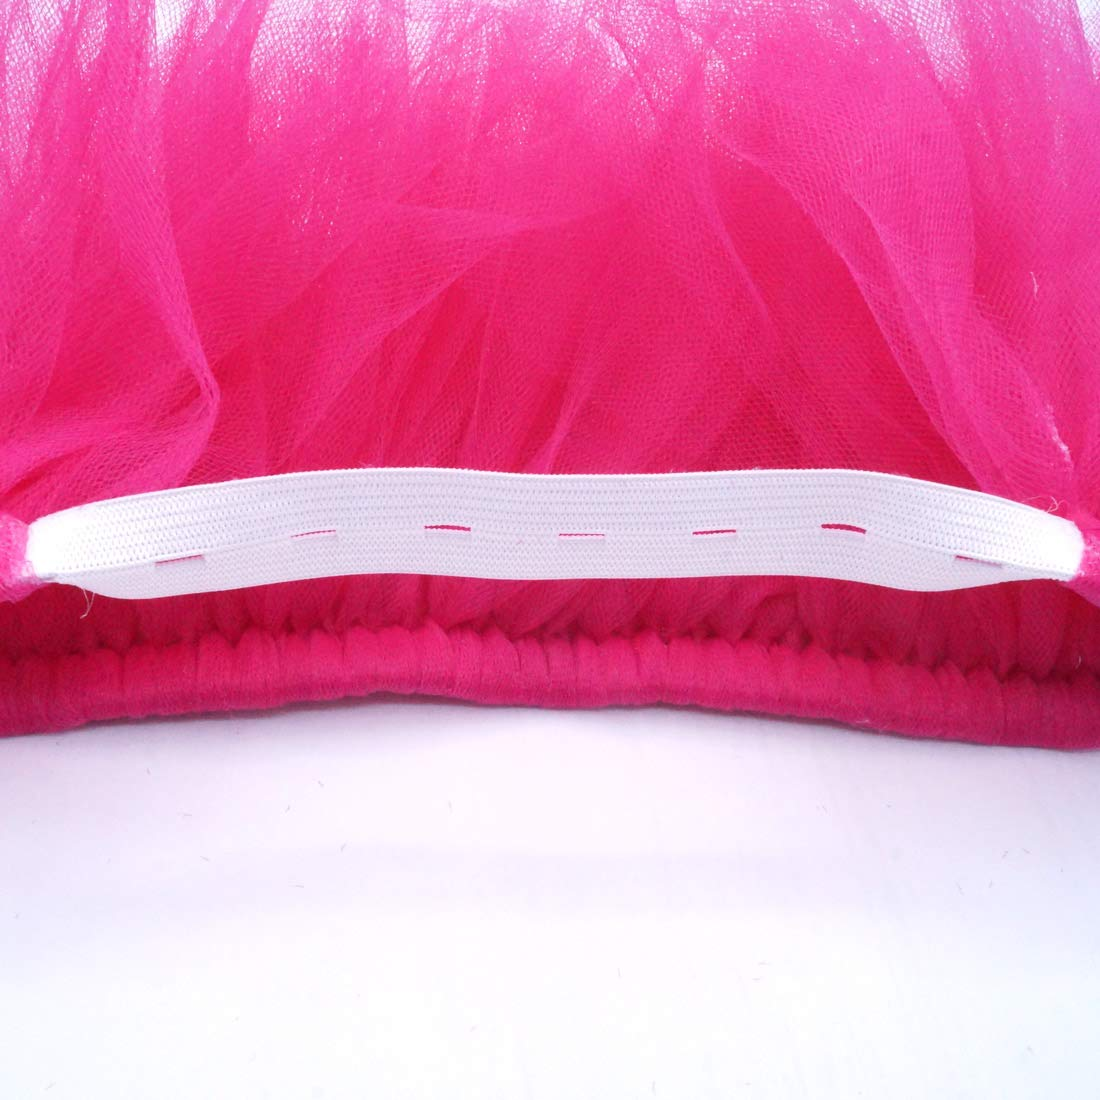 Aivtalk Ropa para Mascotas Falda de Princesa de Tut/ú para Perros Vestido de Disfraz Cosplay Fotograf/ía con Cintura El/ástica para Cachorro